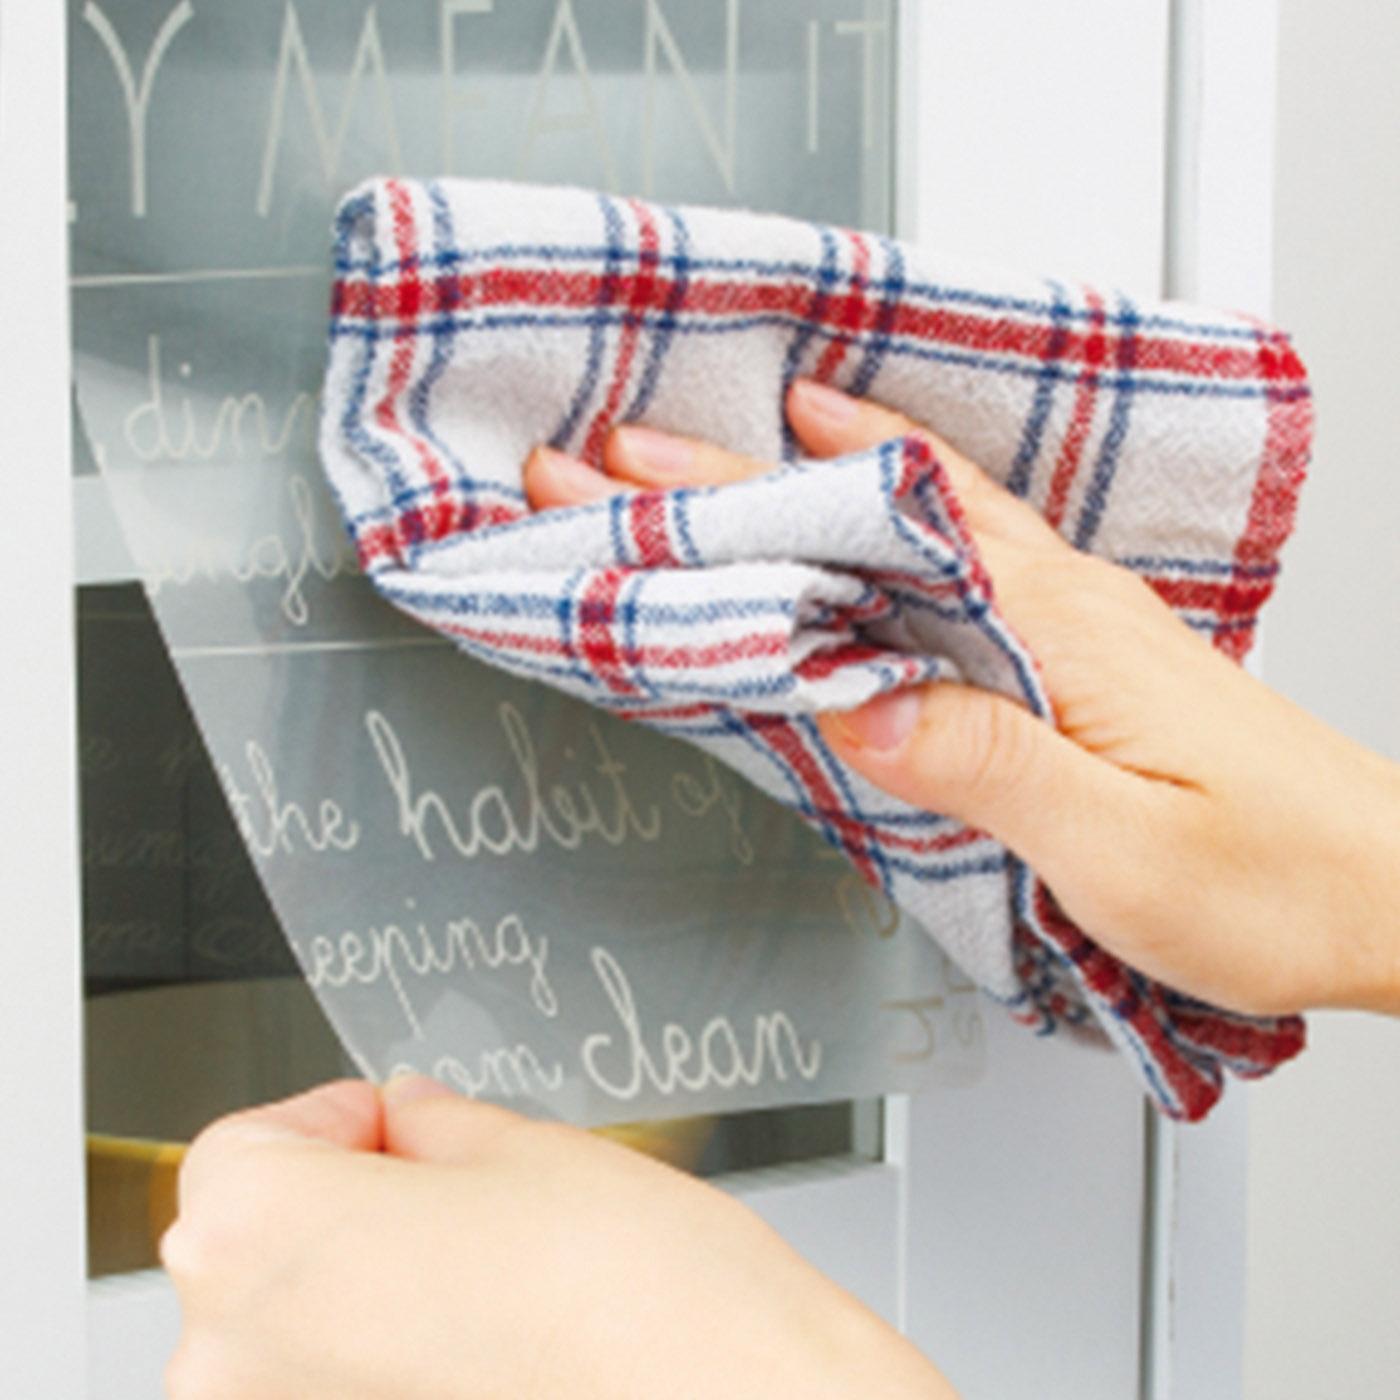 上側からタオルなどで空気を押し出しながら貼ります。